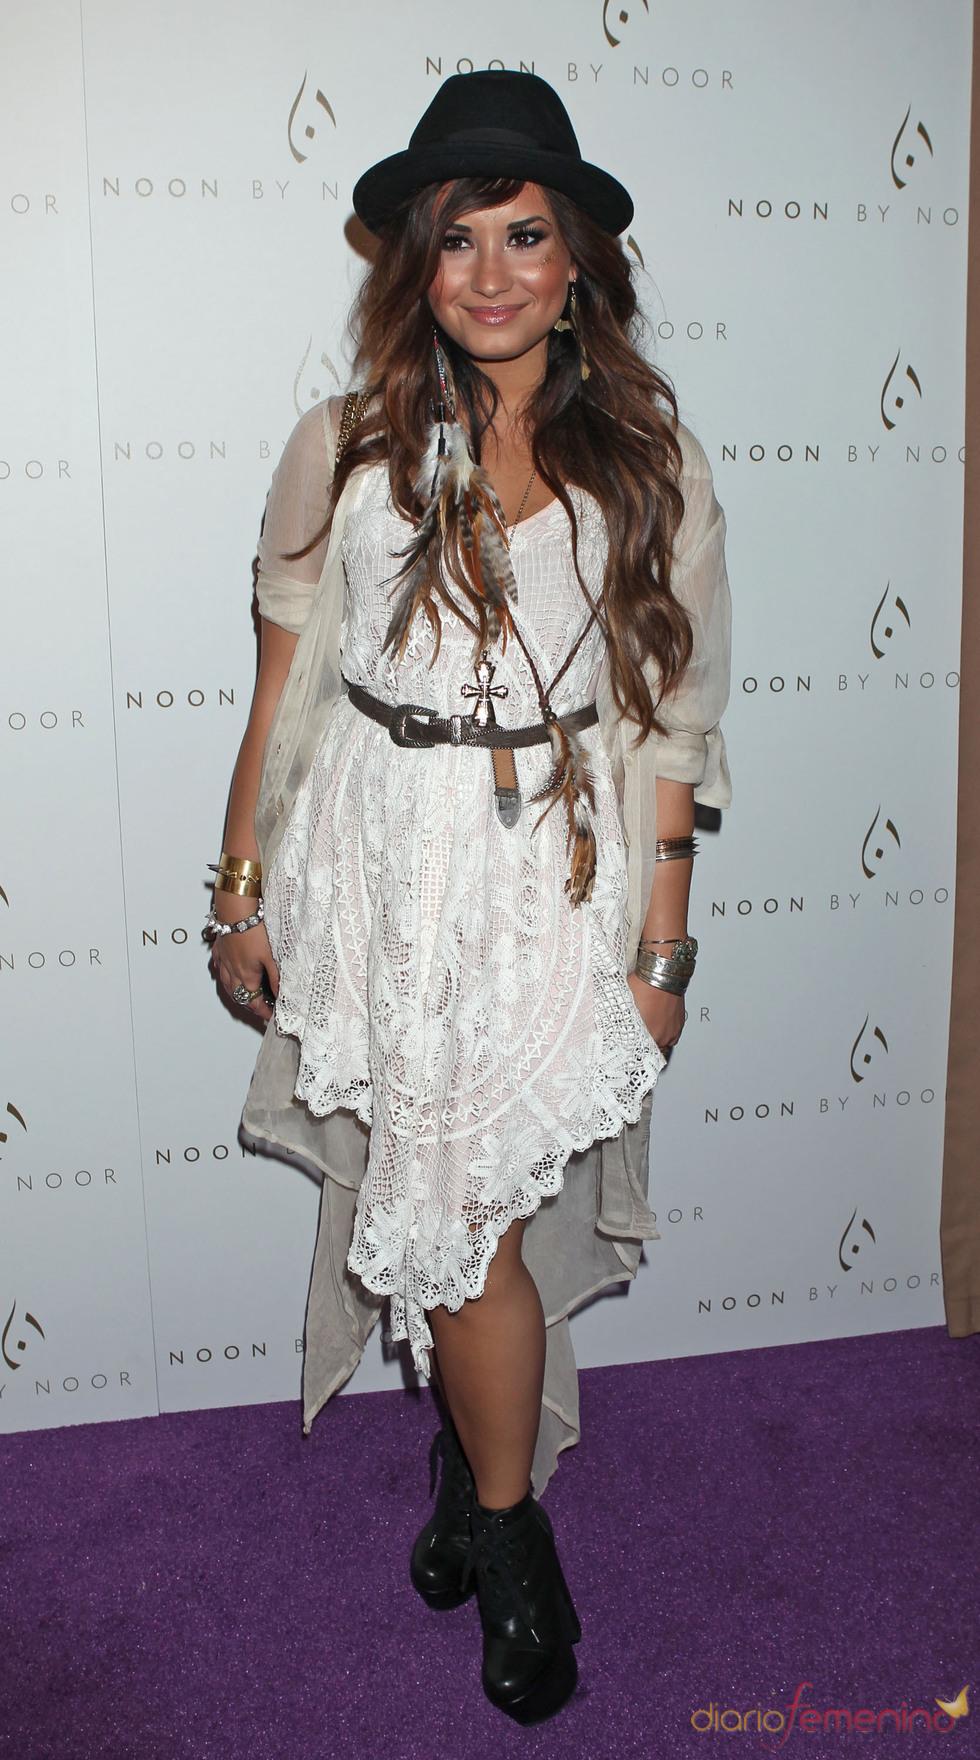 Demi Lovato en la fiesta de lanzamiento de la nueva colección de 'Noon by Noor'